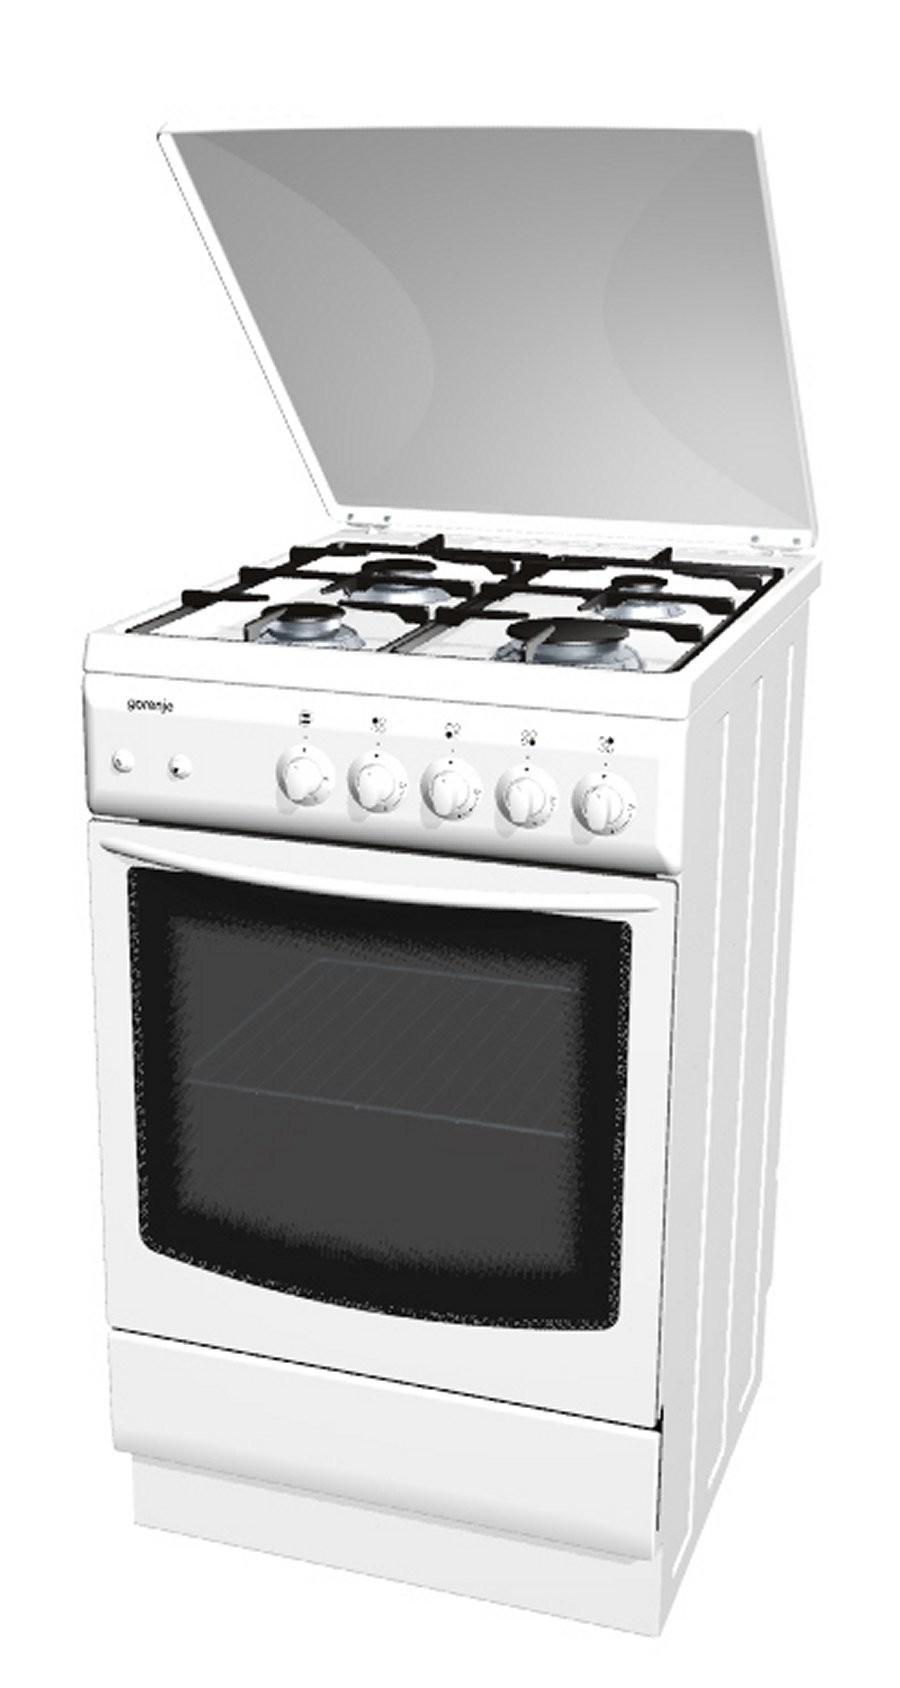 газовая плита gorenje купить: